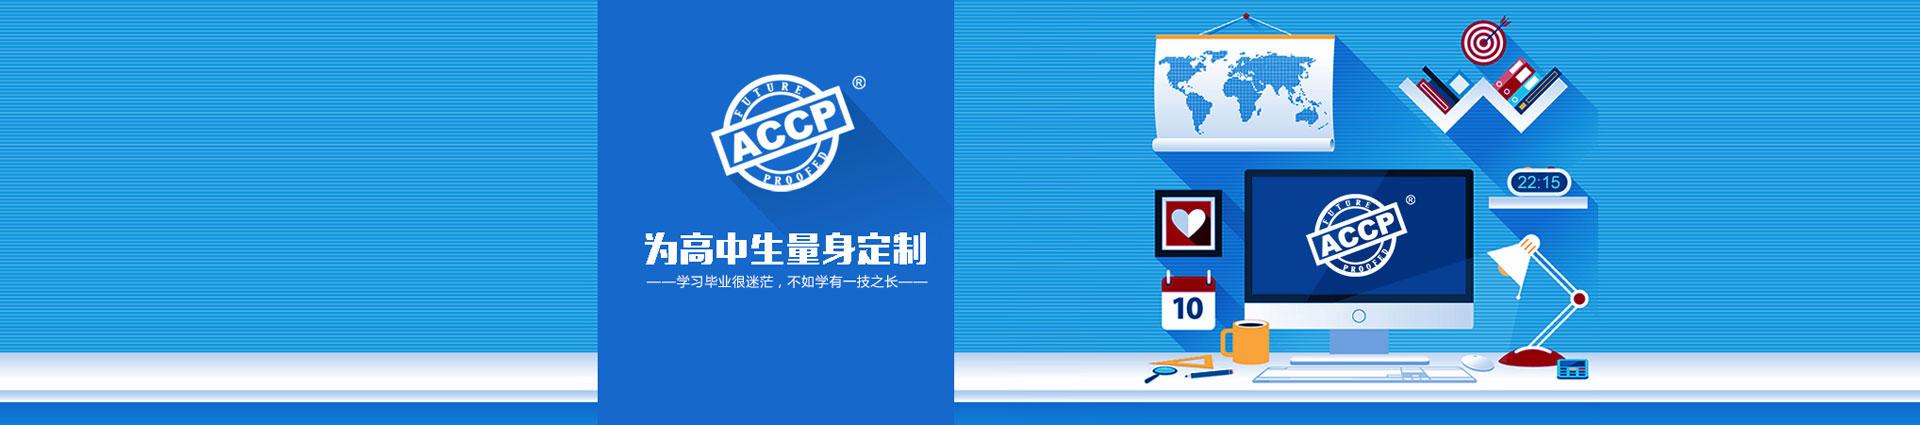 ACCP 8.0